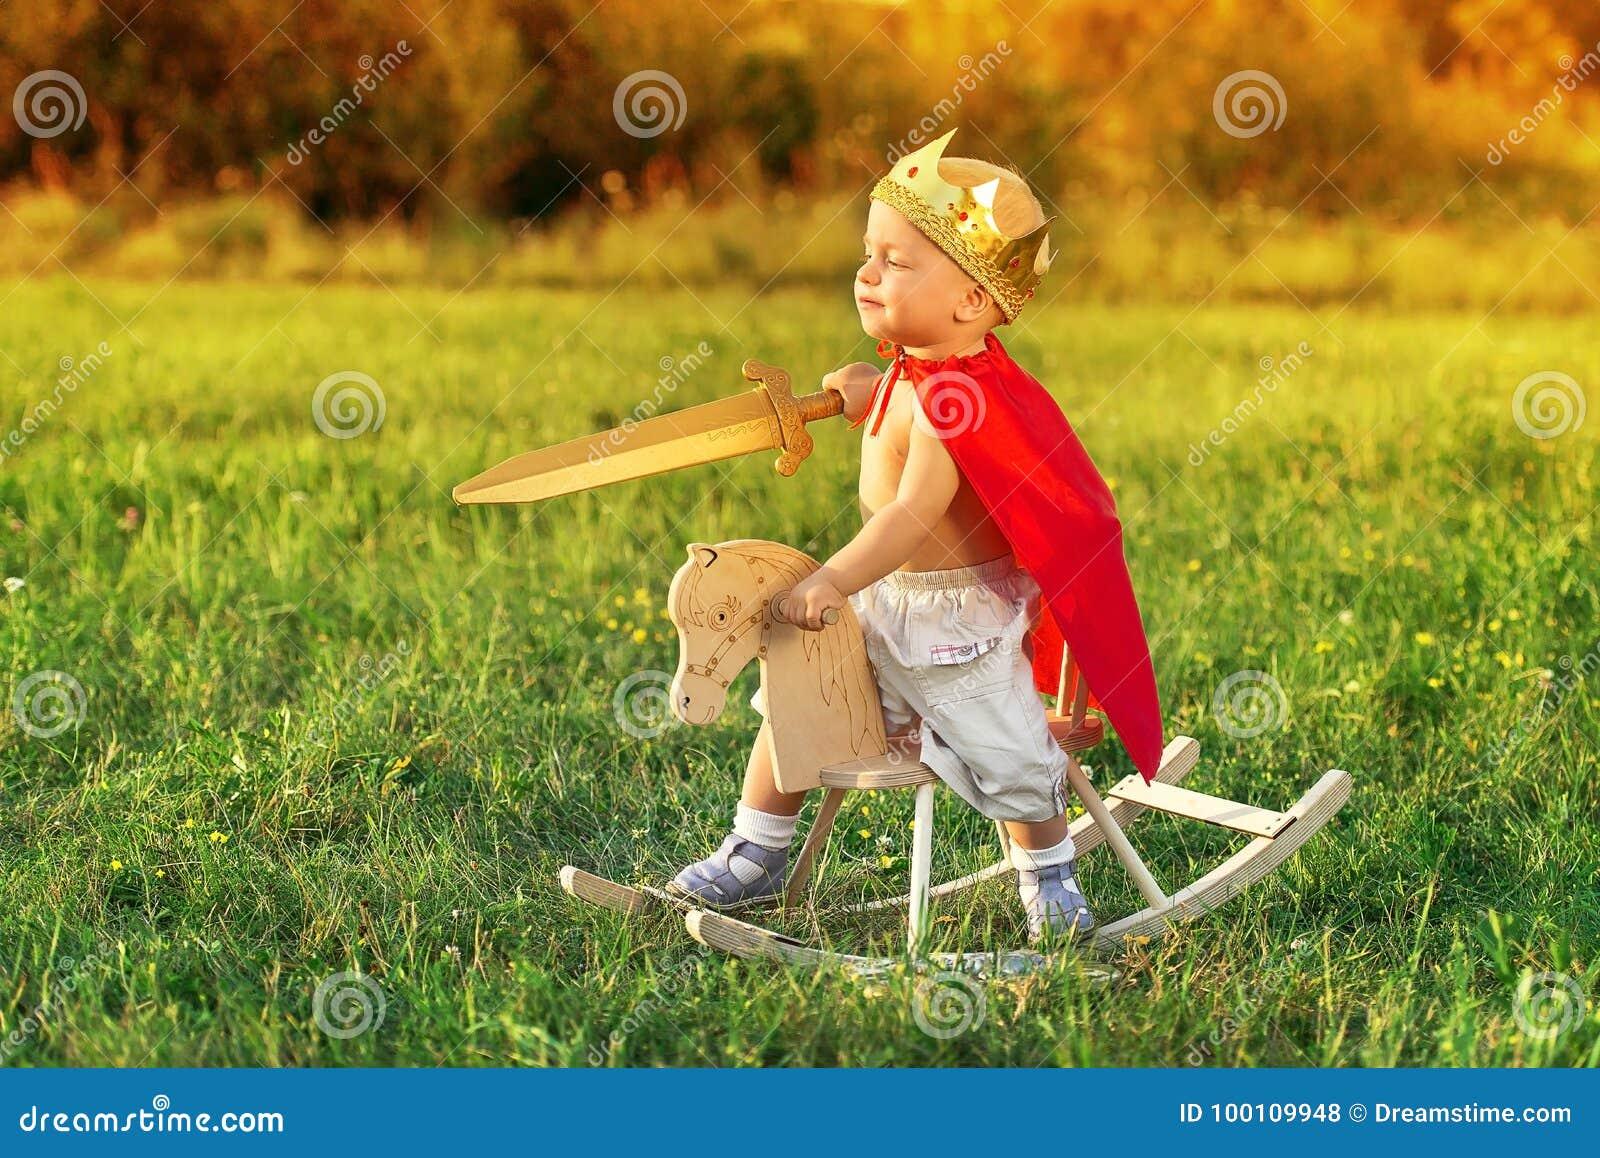 e22bbd2d7b9 De koning het kind schrijlings op een paard speelt met een zwaard Weinig  Prins met een kroon op het hoofd en in een rode regenjas